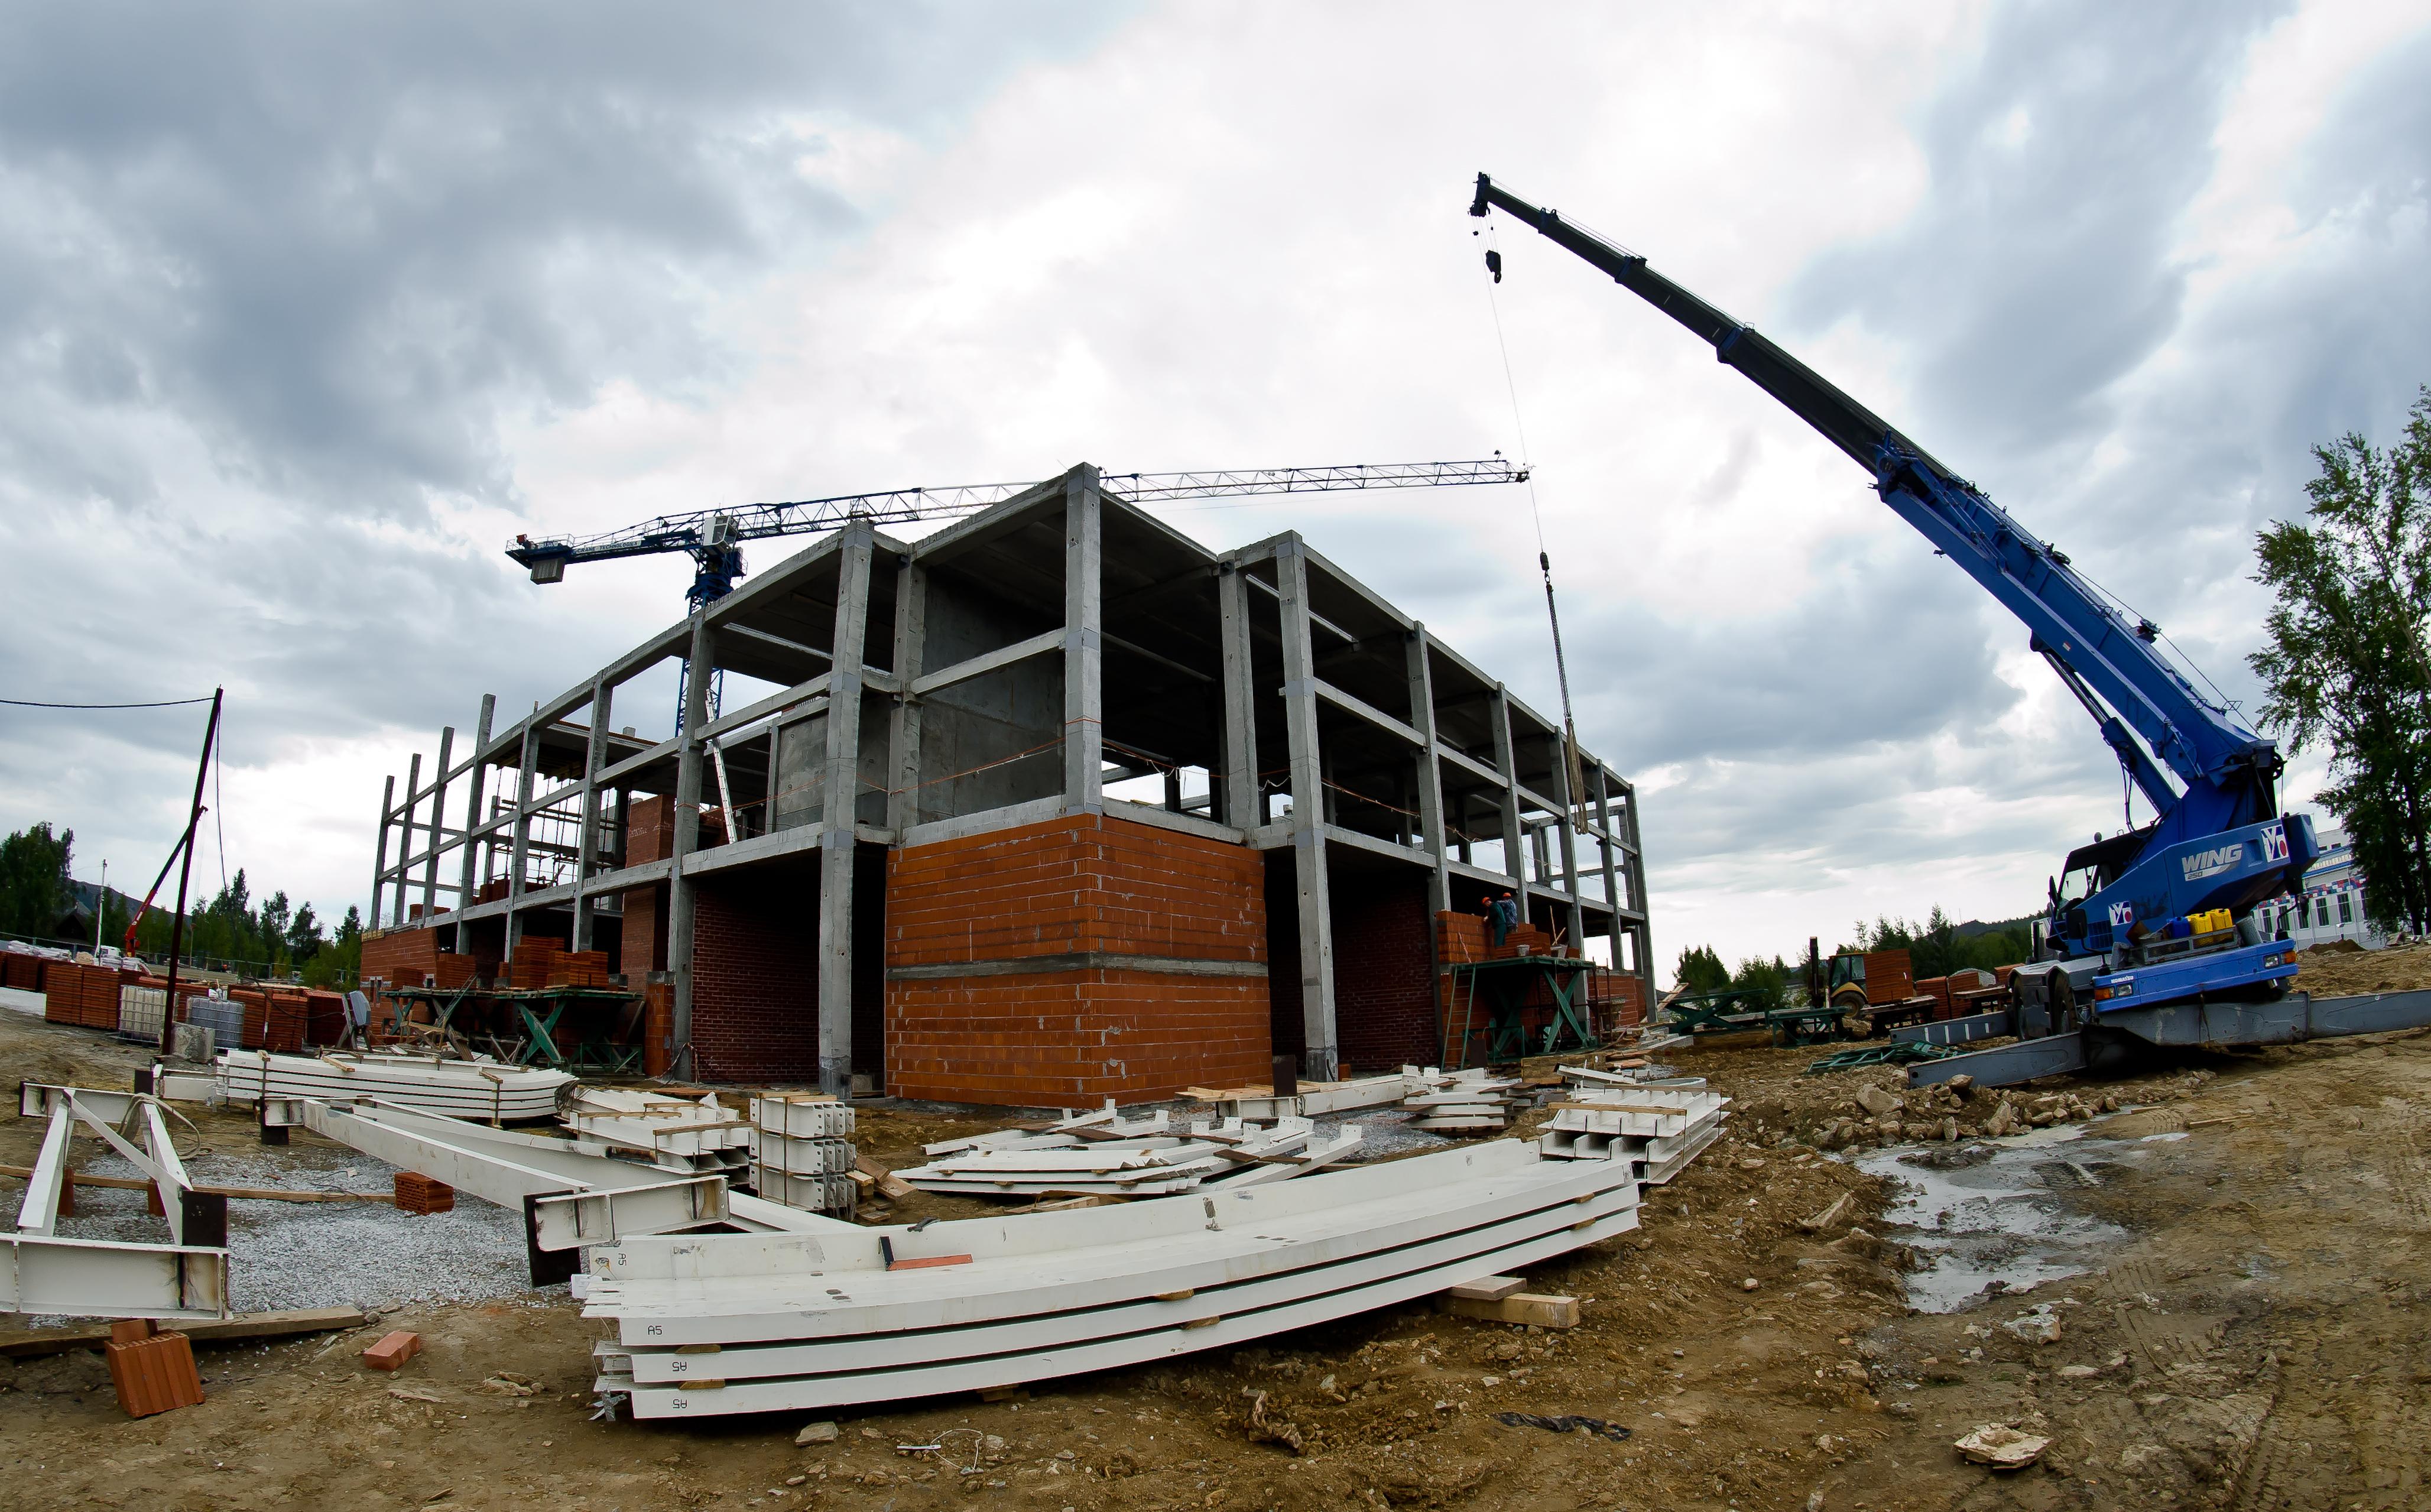 Новый торгово-развлекательный центр в городе Карабаше (Челябинская область) откроется в июле 2019